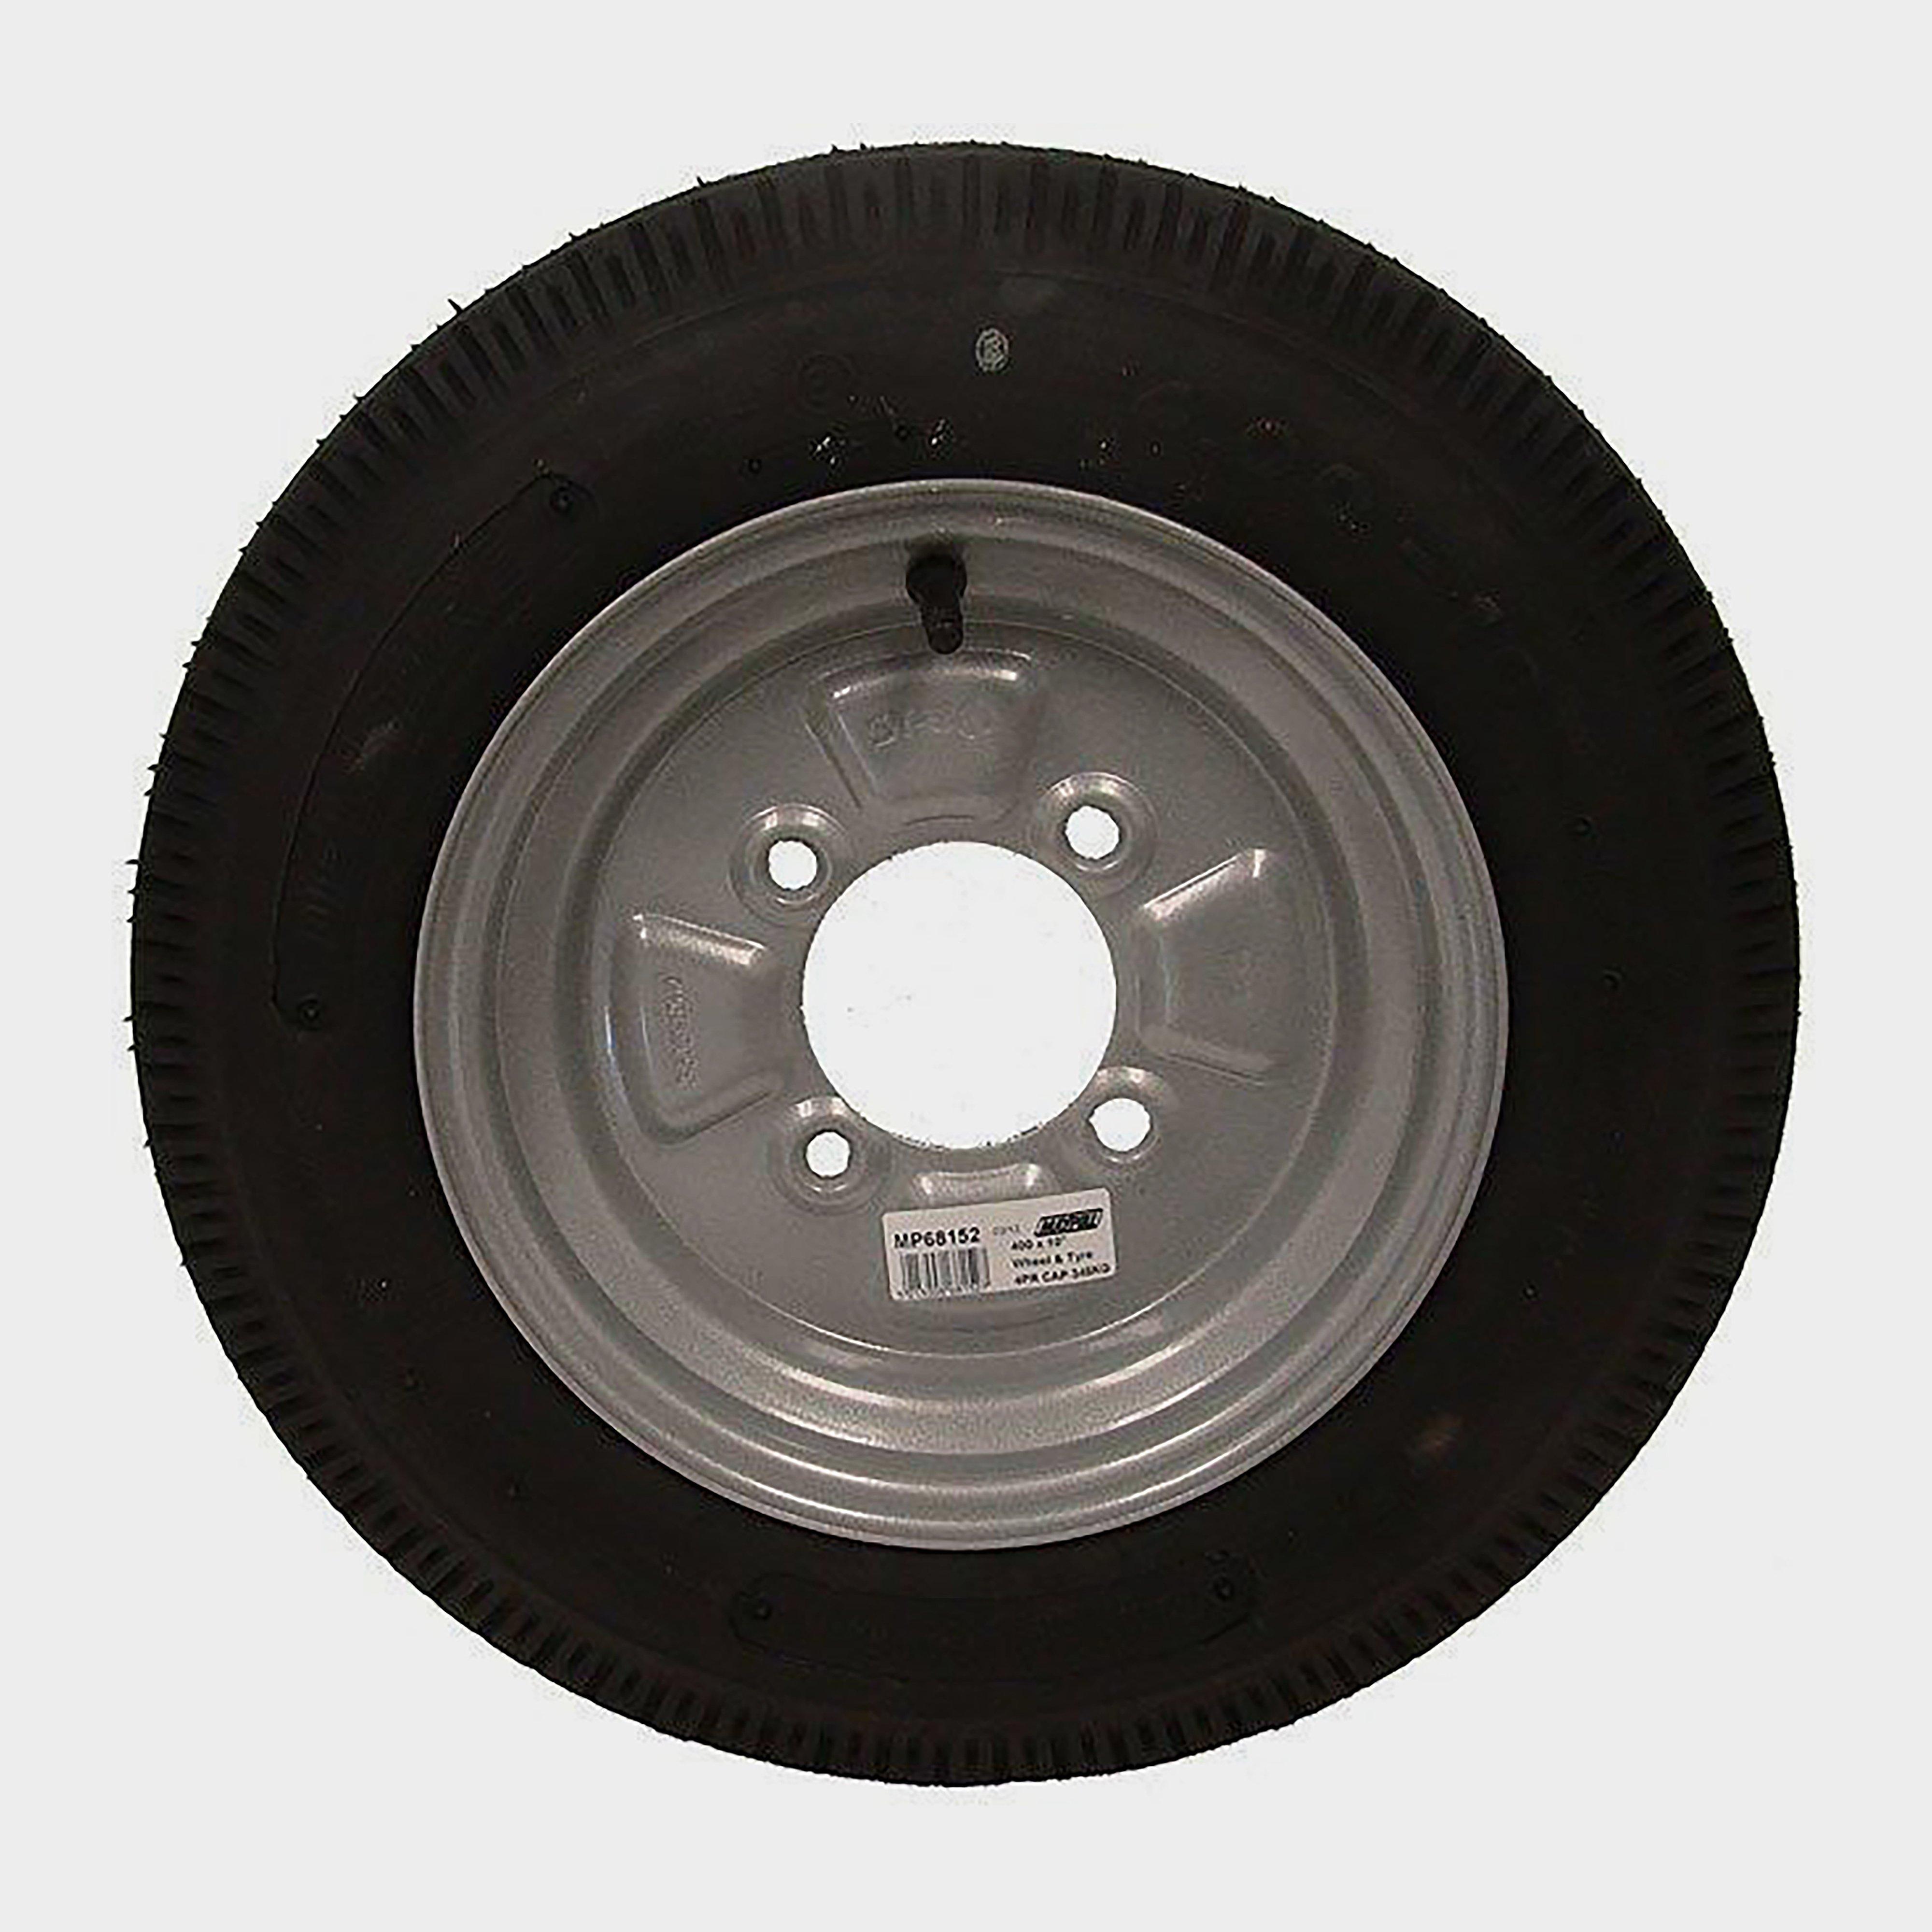 Maypole Spare Wheel For Mp6815 Trailer - Black, Black